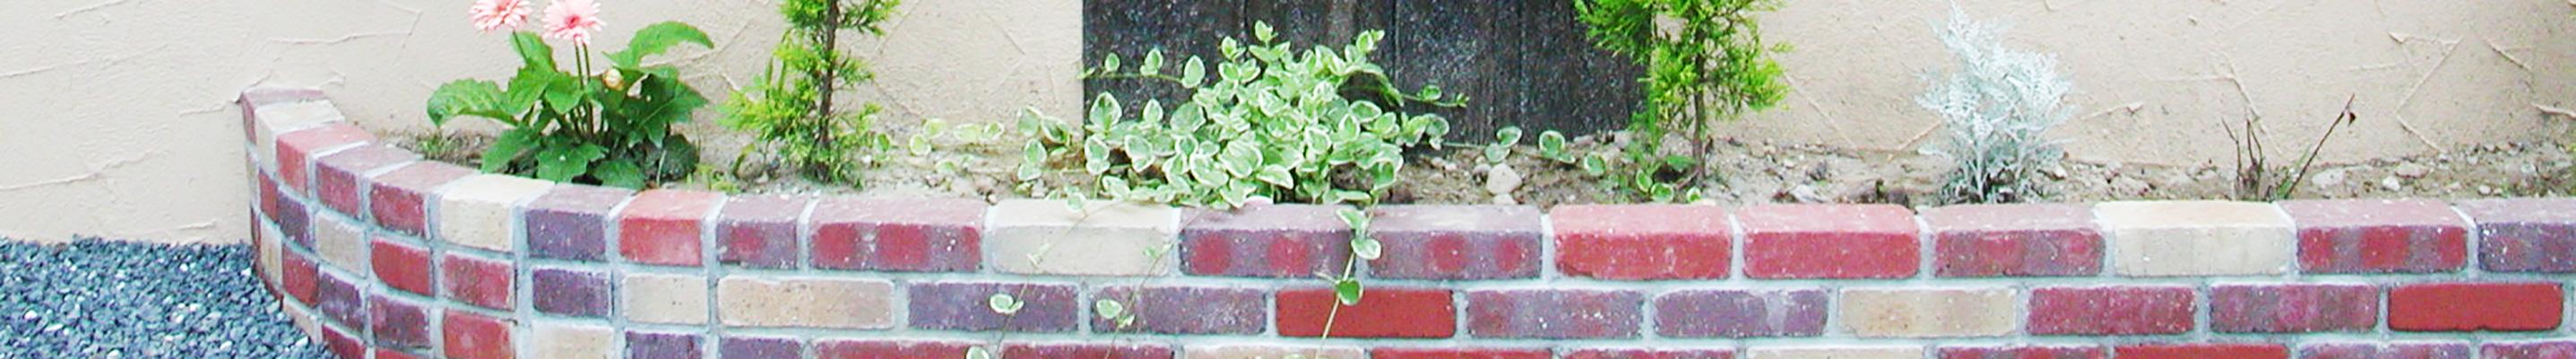 会社概要-株式会社K-CRAFT■山梨のエクステリアなどお庭のデザインはお任せください